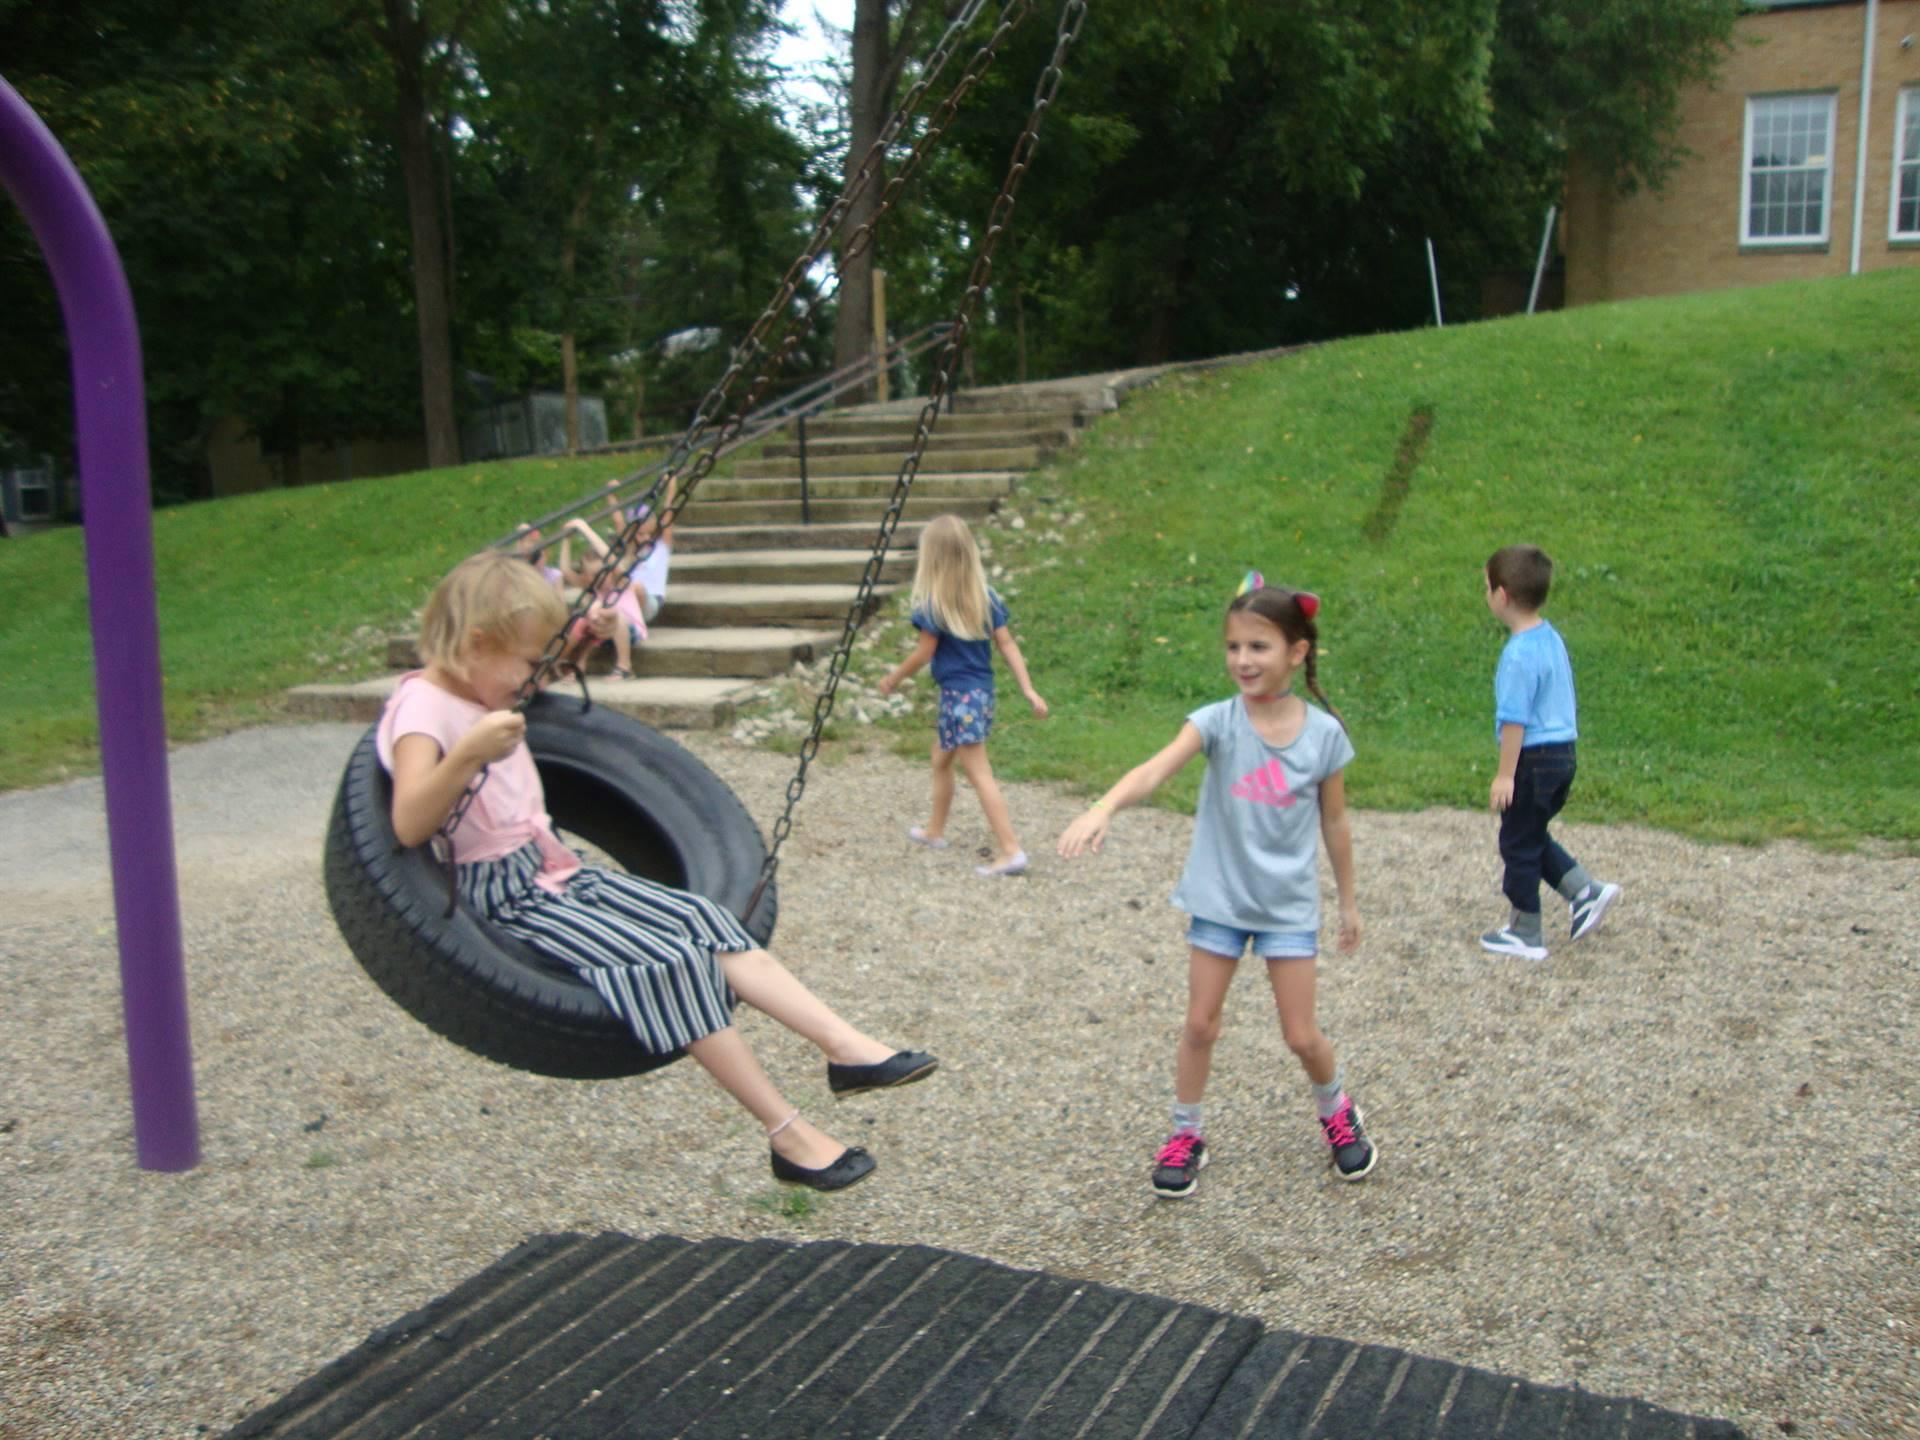 kids on tire swing